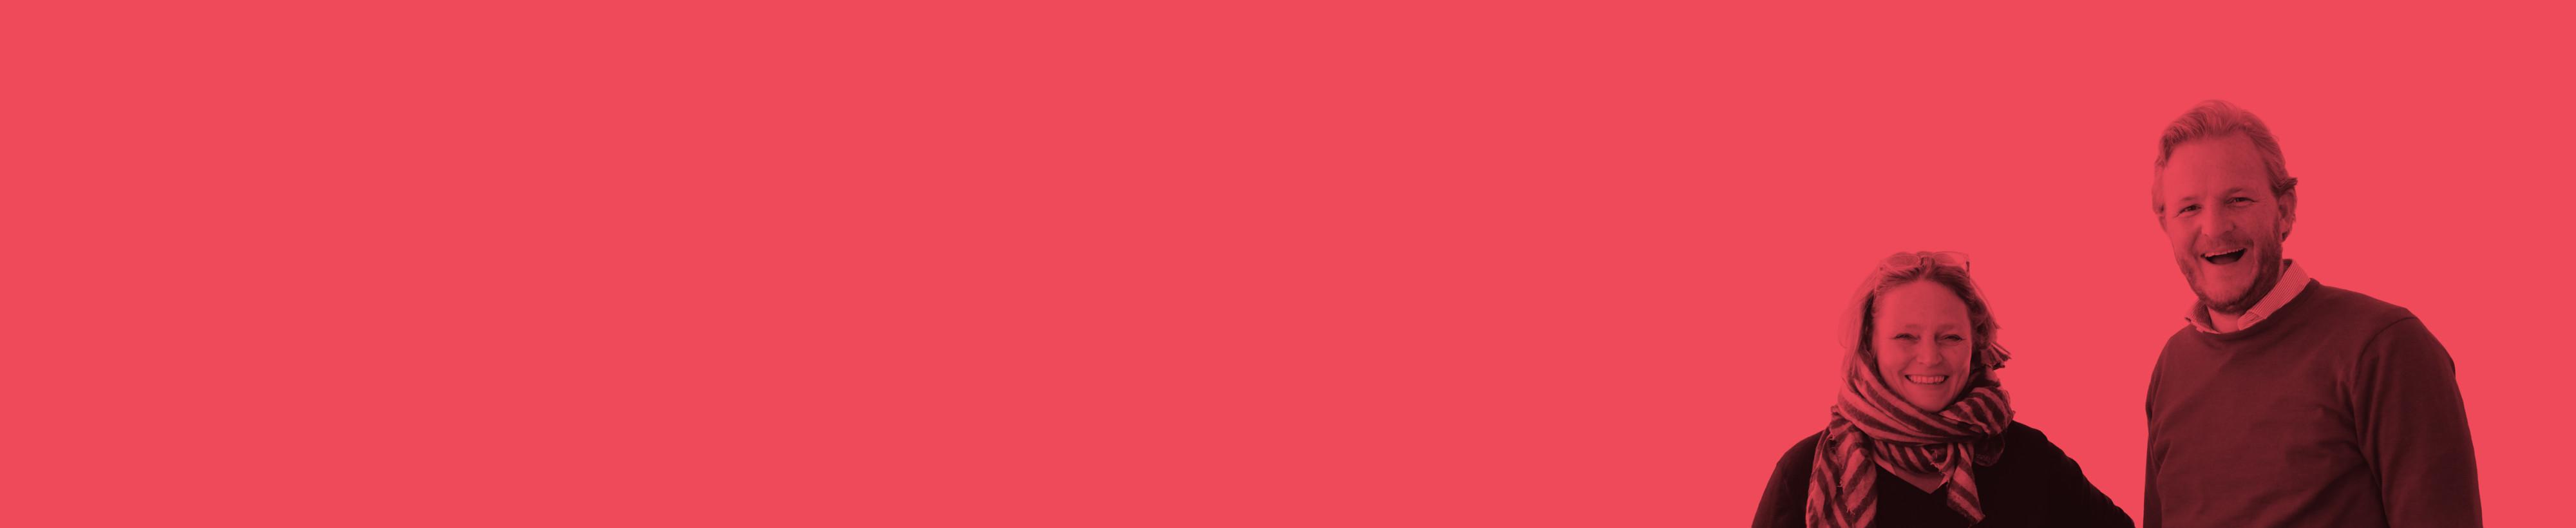 dlc-clementine-kuckei-constantin-leuschner-farbe-1